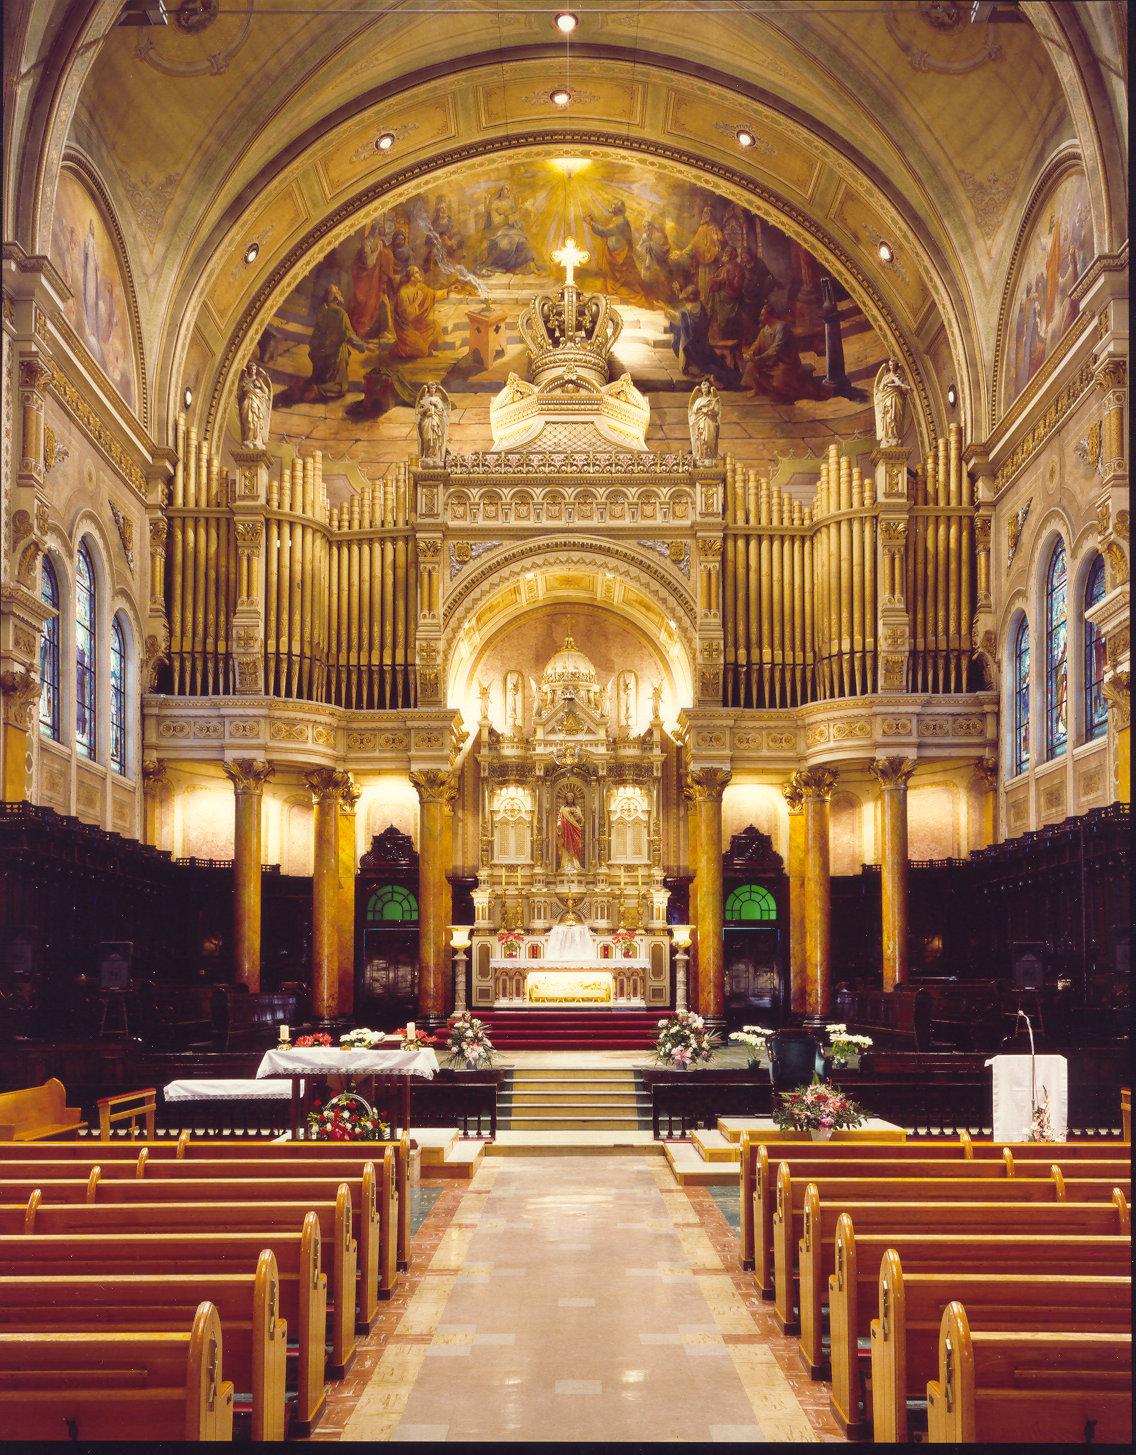 Chancel Organ, Casavant Opus 600, 1915, Church of Très-Saint-Nom-de-Jésus, Montréal, QC